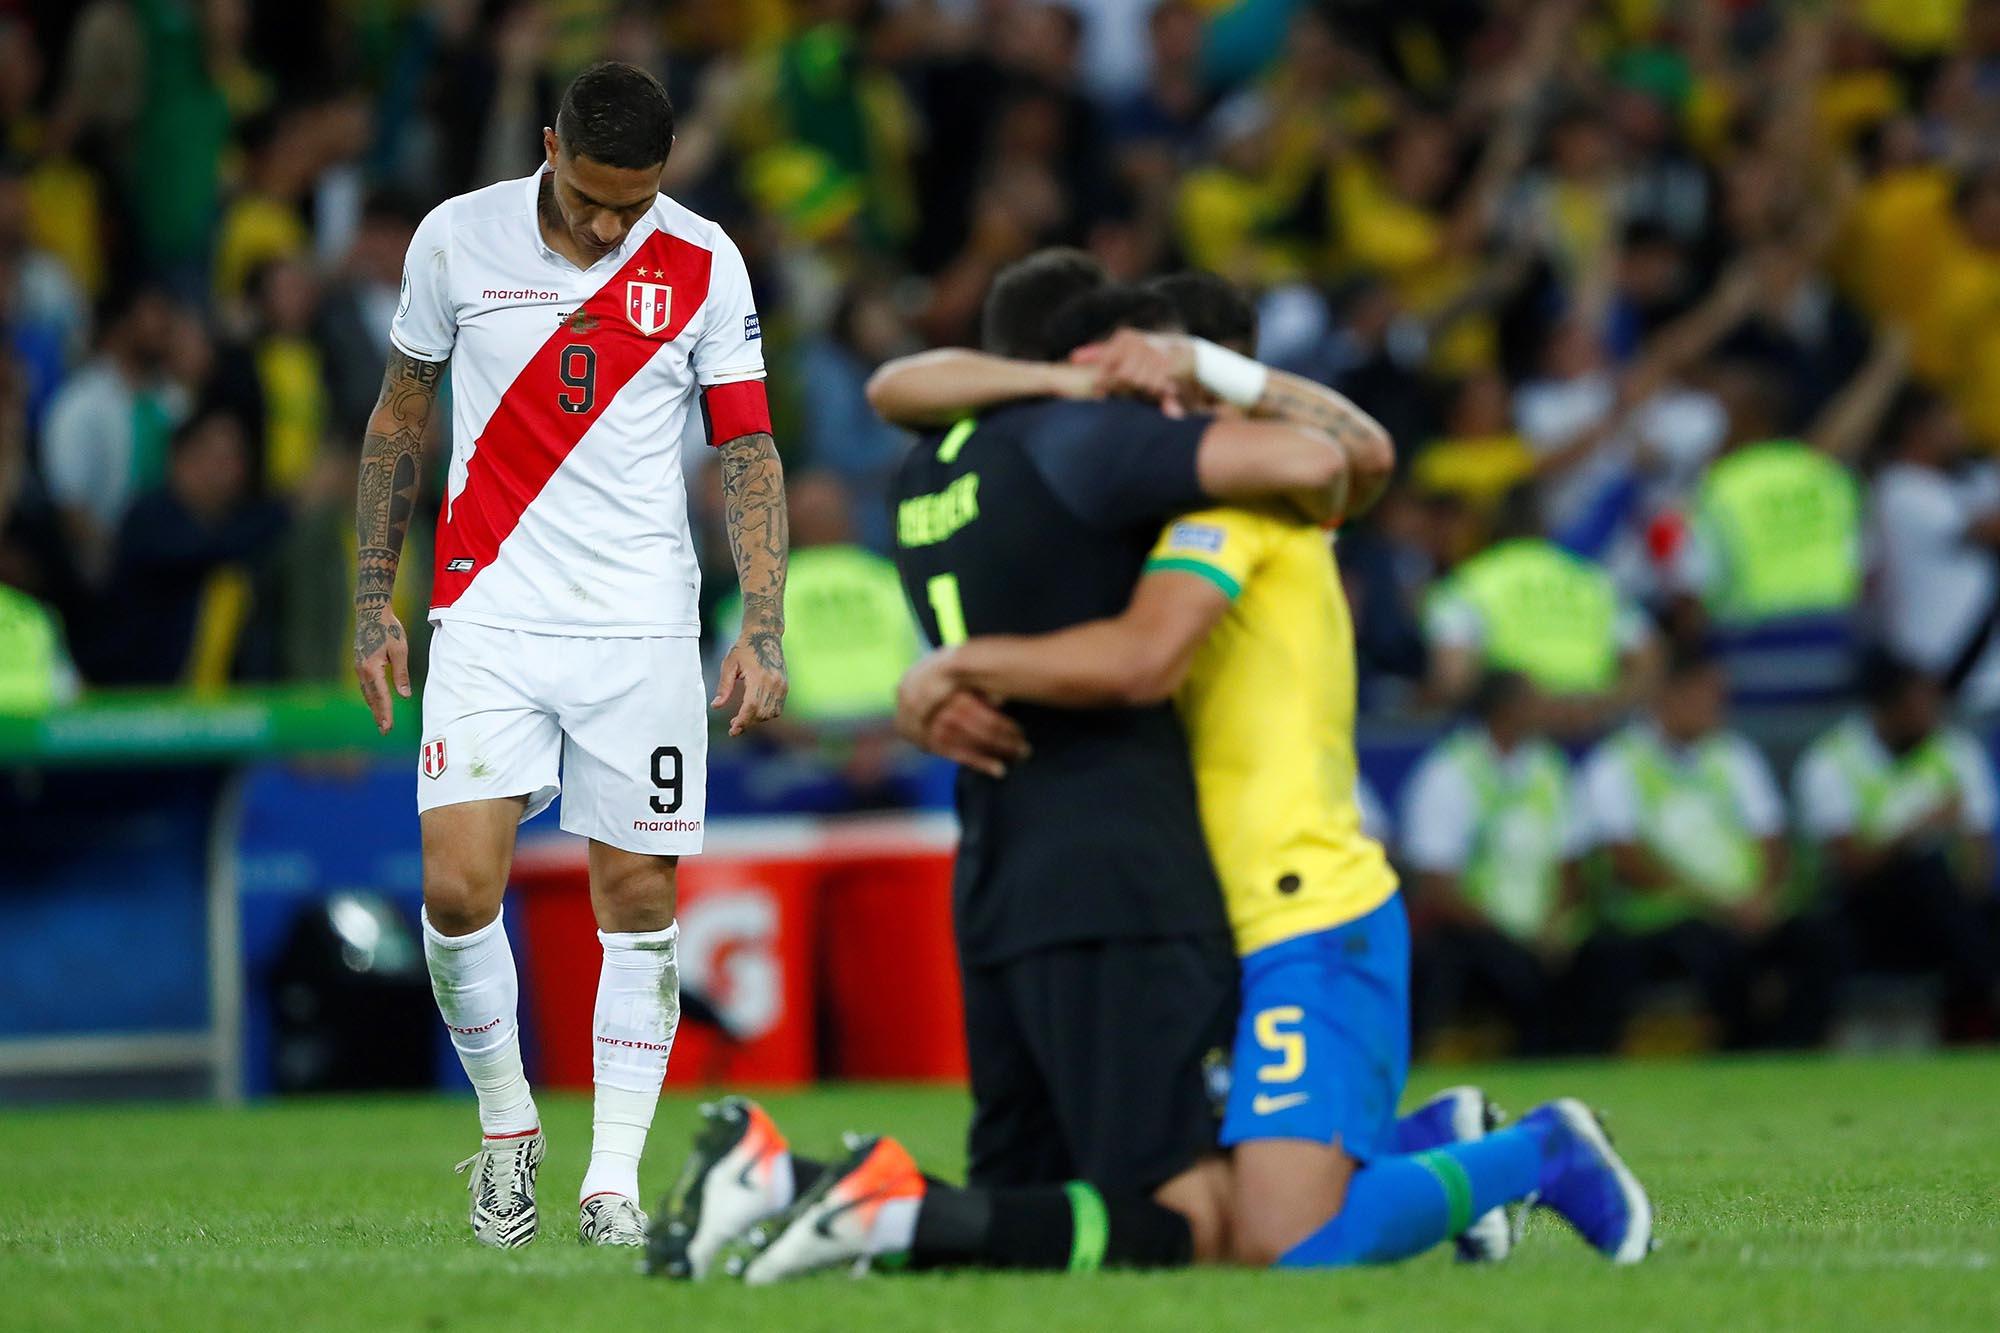 Paolo Guerrero (i) de Perú se lamenta tras la derrota de Perú ante Brasil 3-1 en la final de la Copa América de Fútbol 2019, en el Estadio Maracaná de Rio de Janeiro, Brasil, el domingo 7 de julio de 2019. Foto: Yuri Edmundo / EFE.